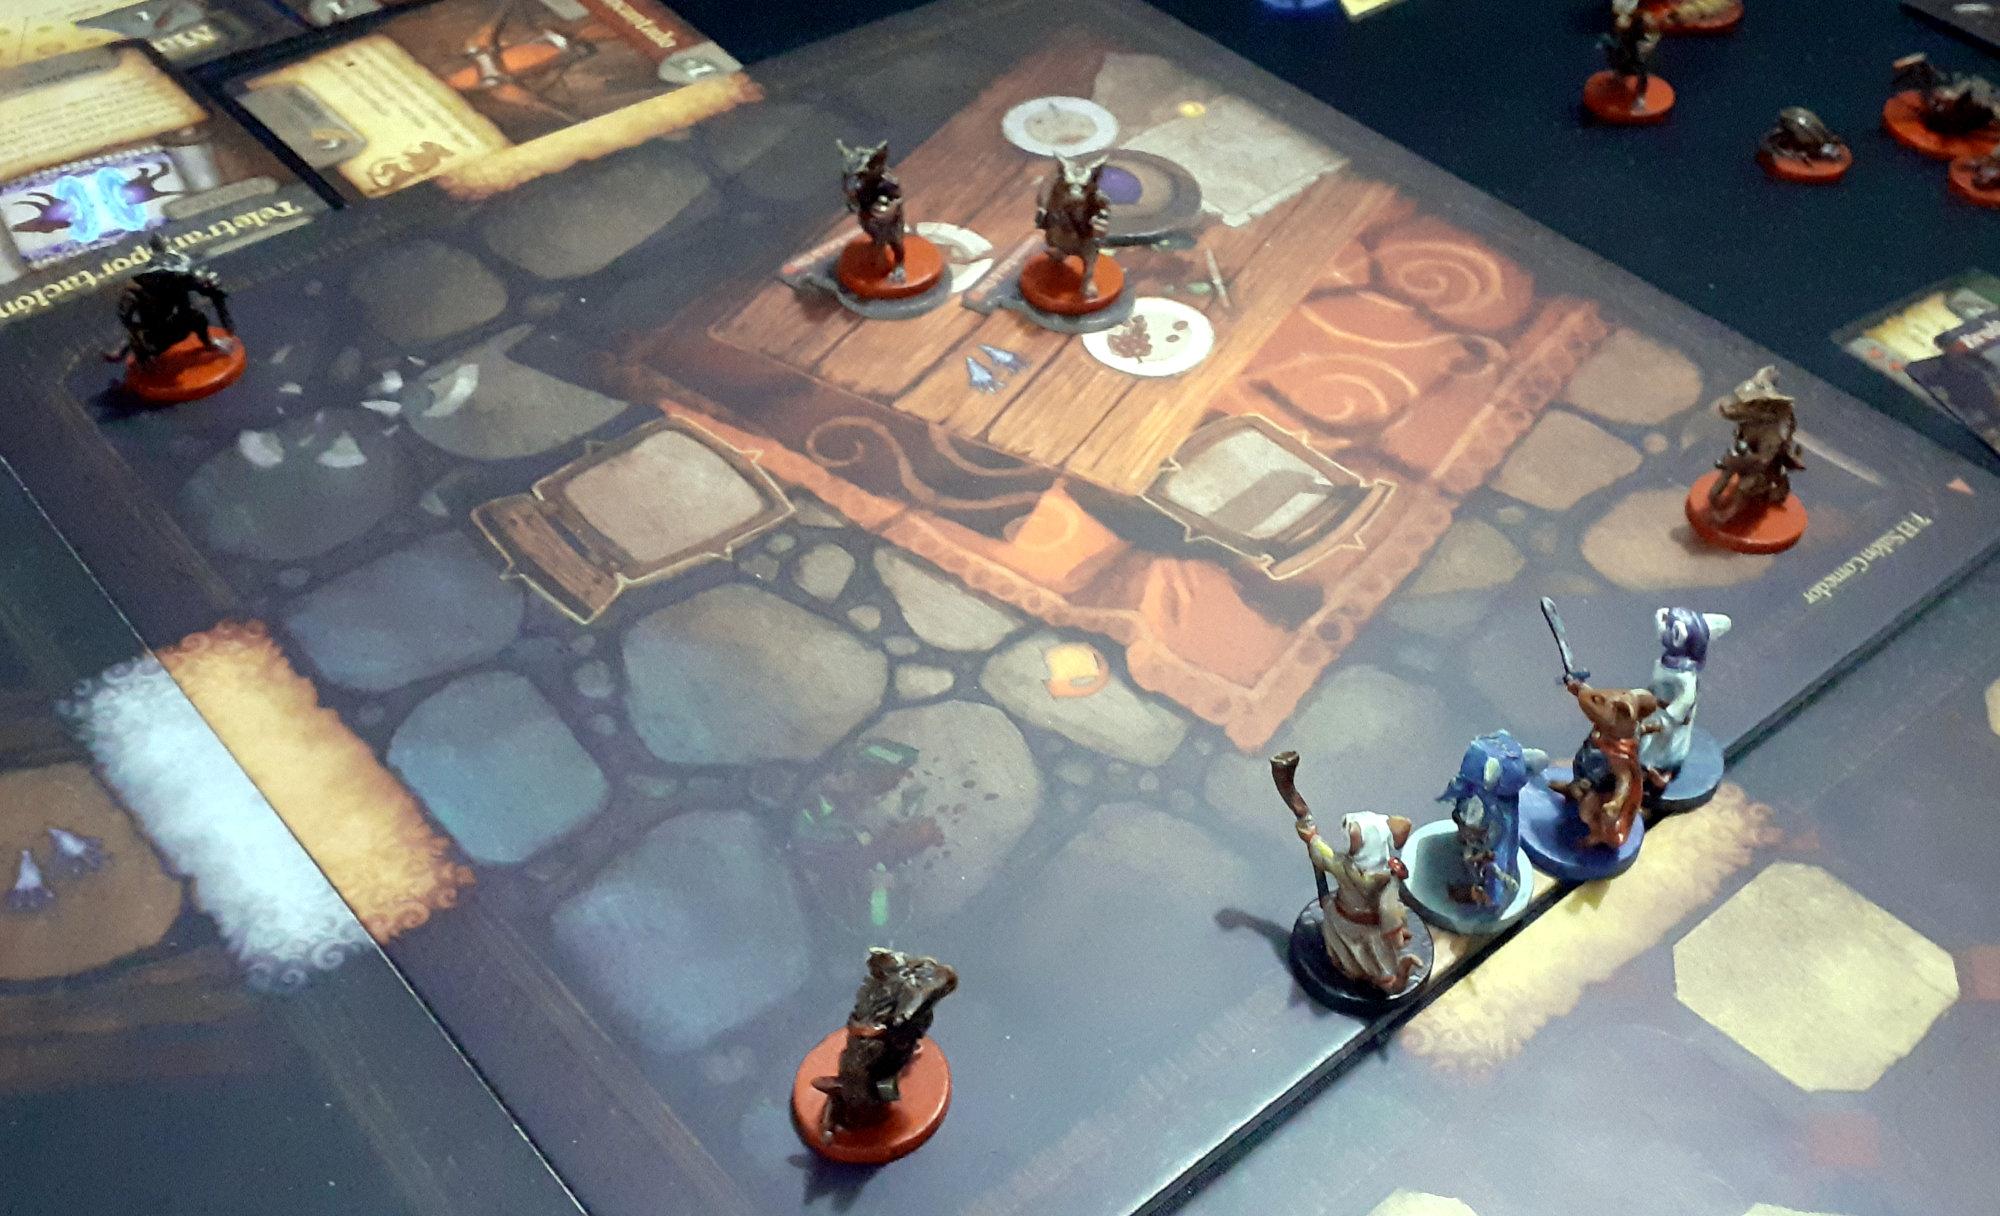 Juego de mesa De Ratones y Magia - detalle de partida (3)